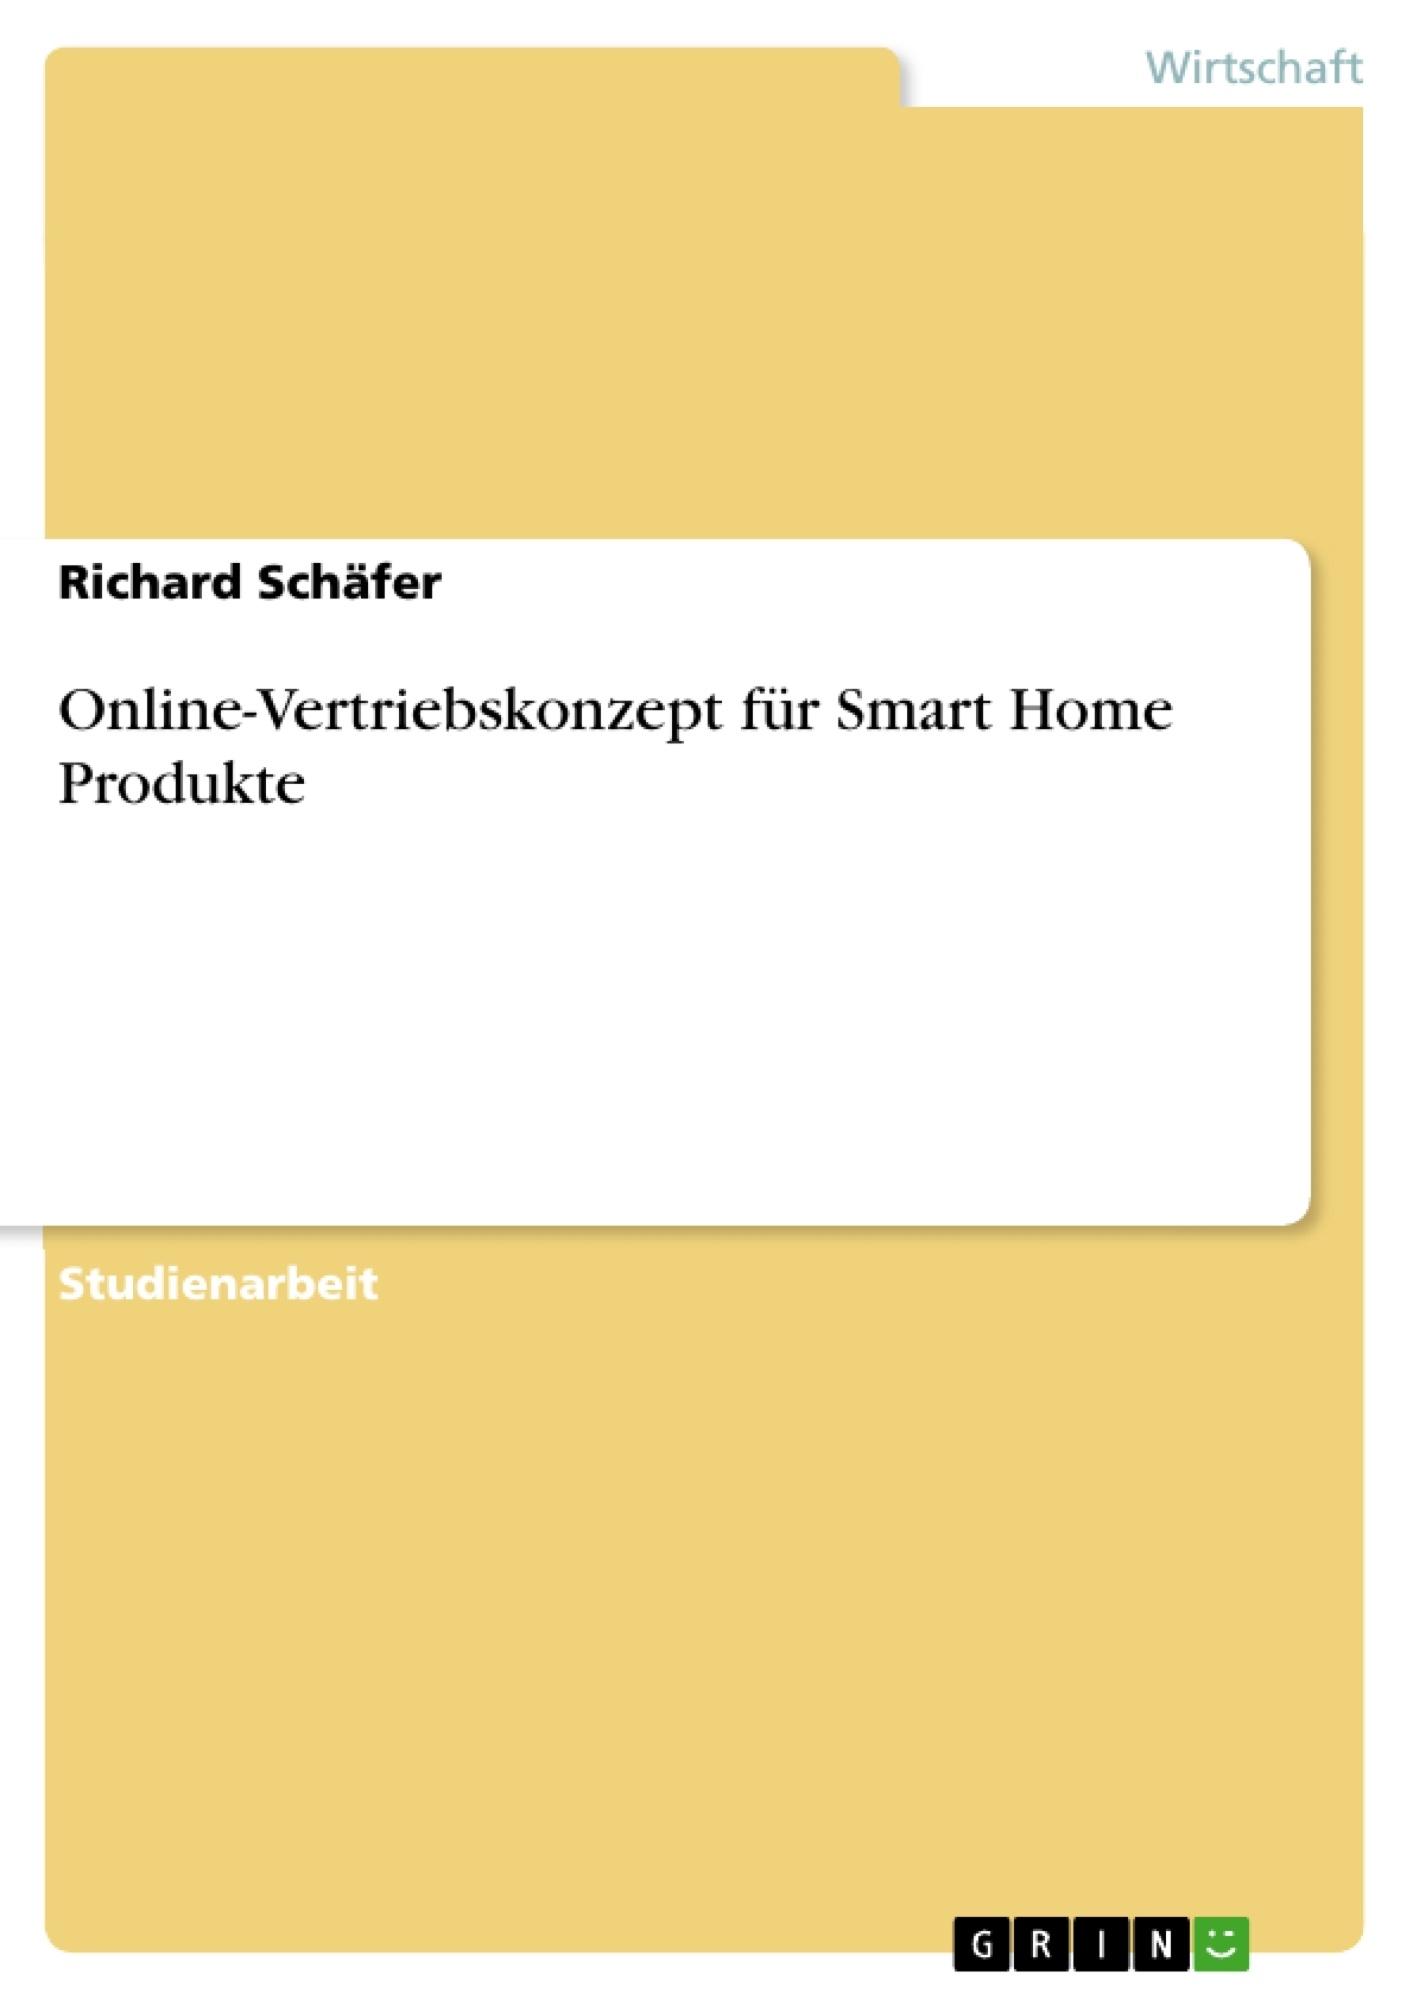 Titel: Online-Vertriebskonzept für Smart Home Produkte